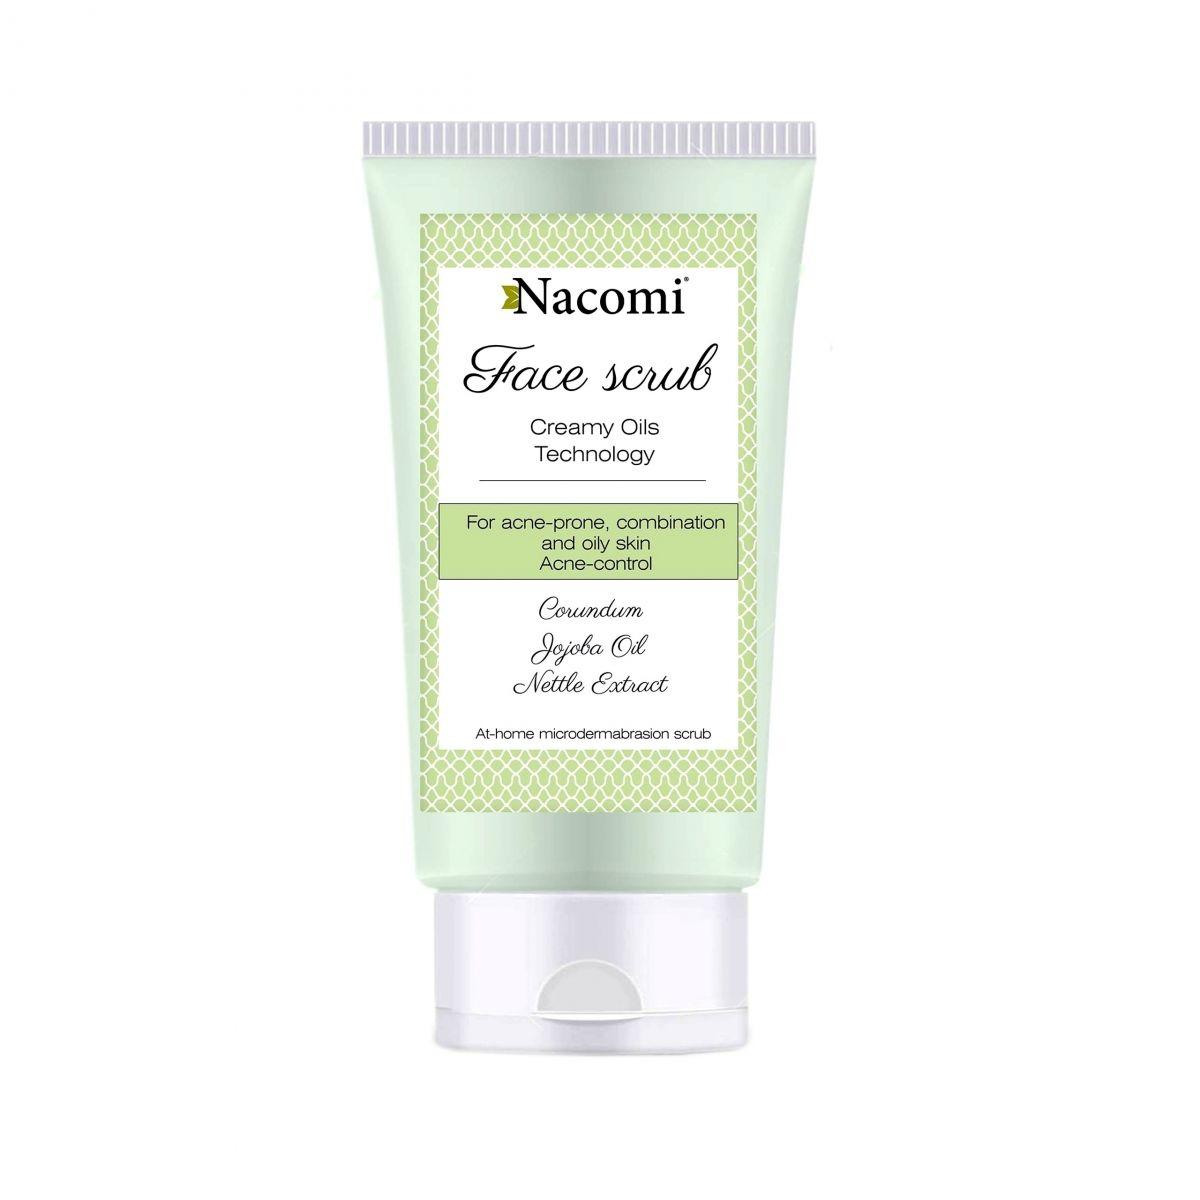 Peeling do twarzy o działaniu przeciwtrądzikowym z korundem i olejem jojoba - 85ml - Nacomi